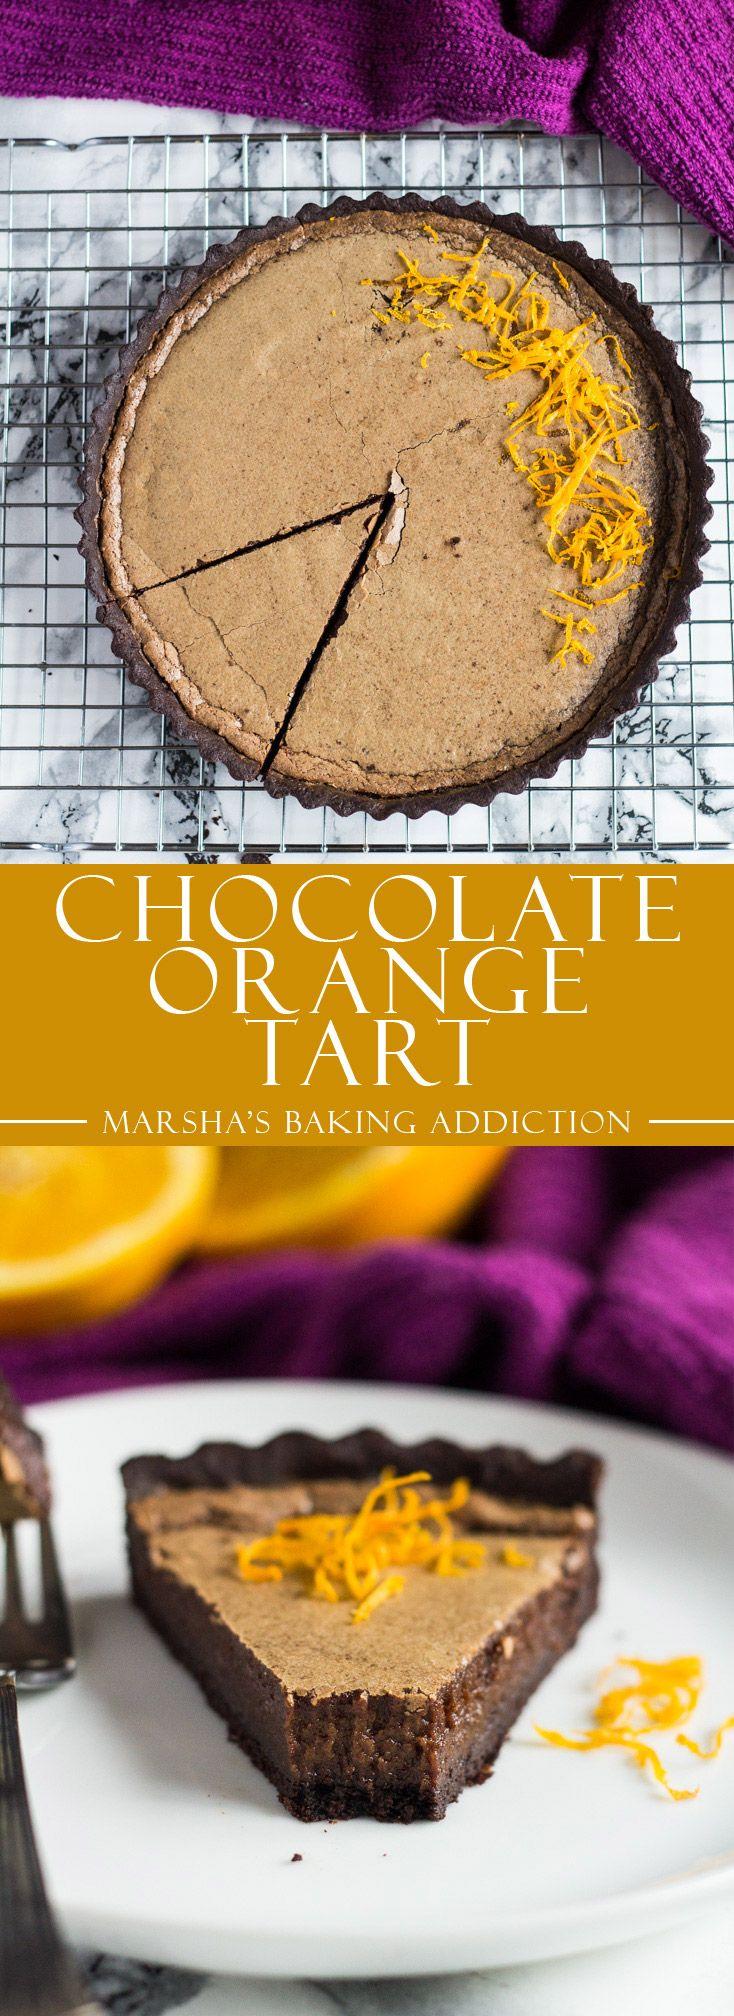 Dark Chocolate Orange Tart   marshasbakingaddiction.com @marshasbakeblog